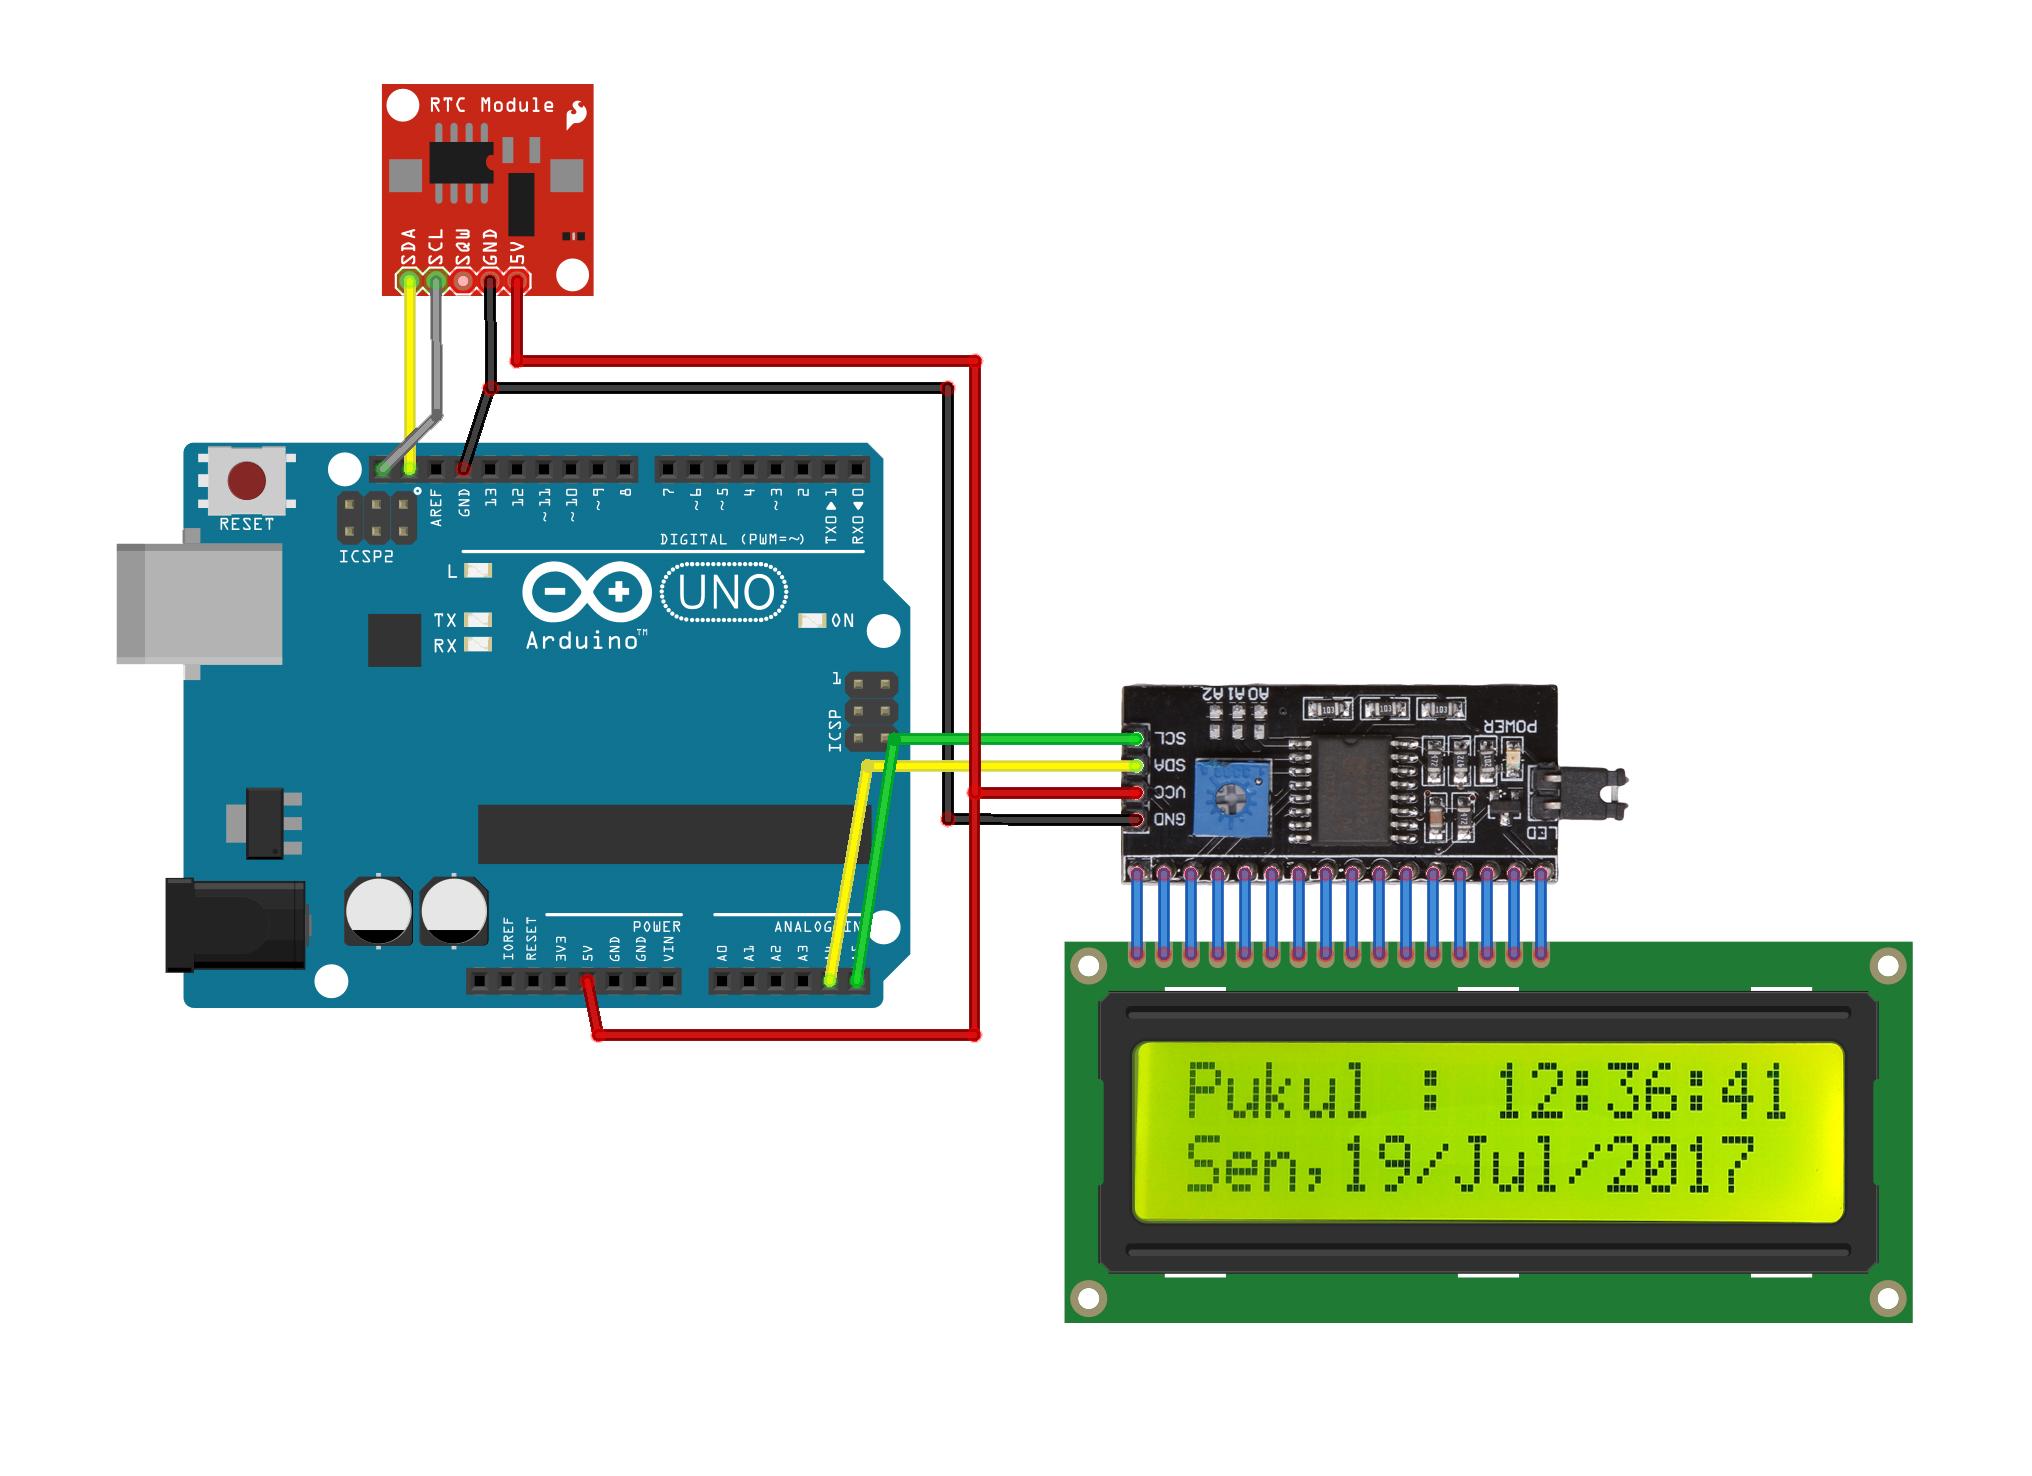 Membuat jam sederhana menggunakan i c lcd dan rtc ds